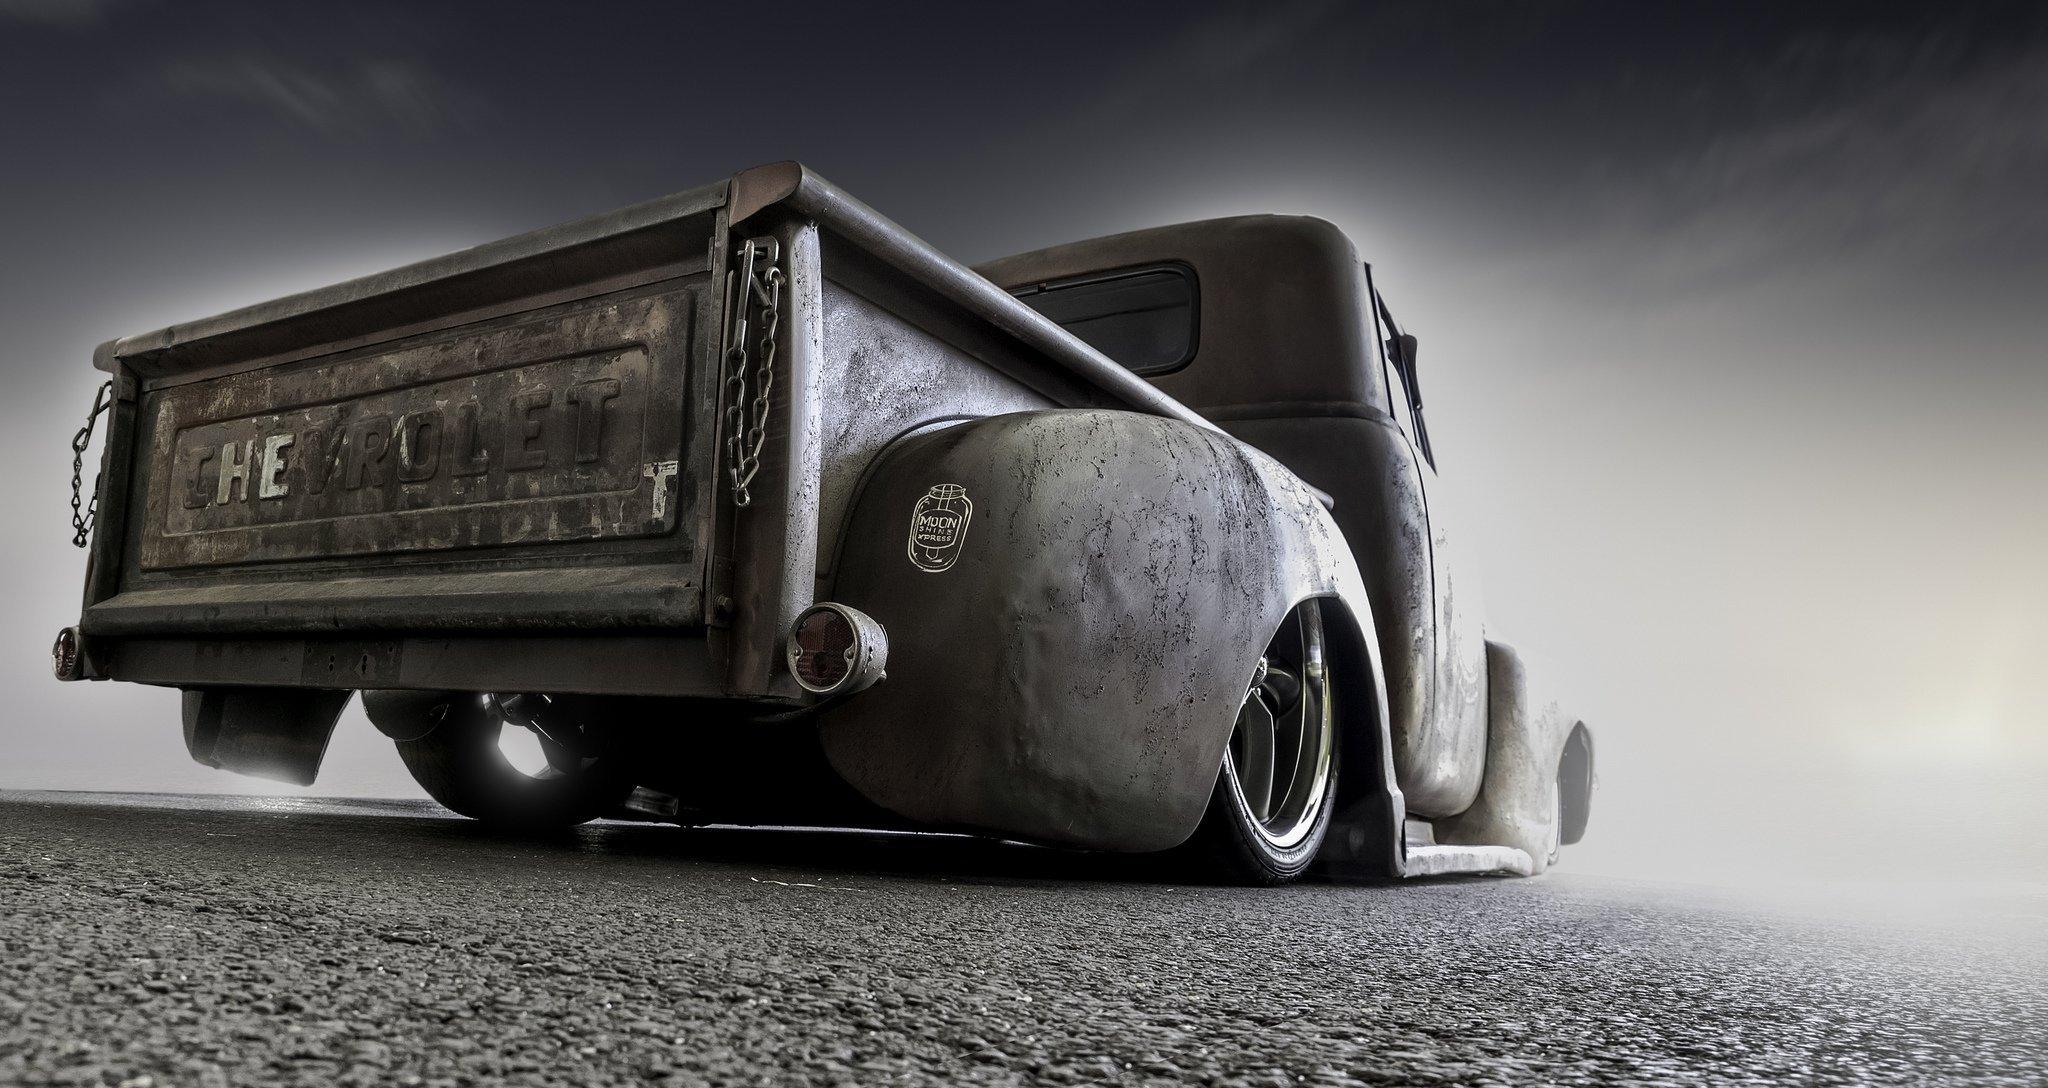 Pickup Truck Wallpaper Posted By Samantha Mercado